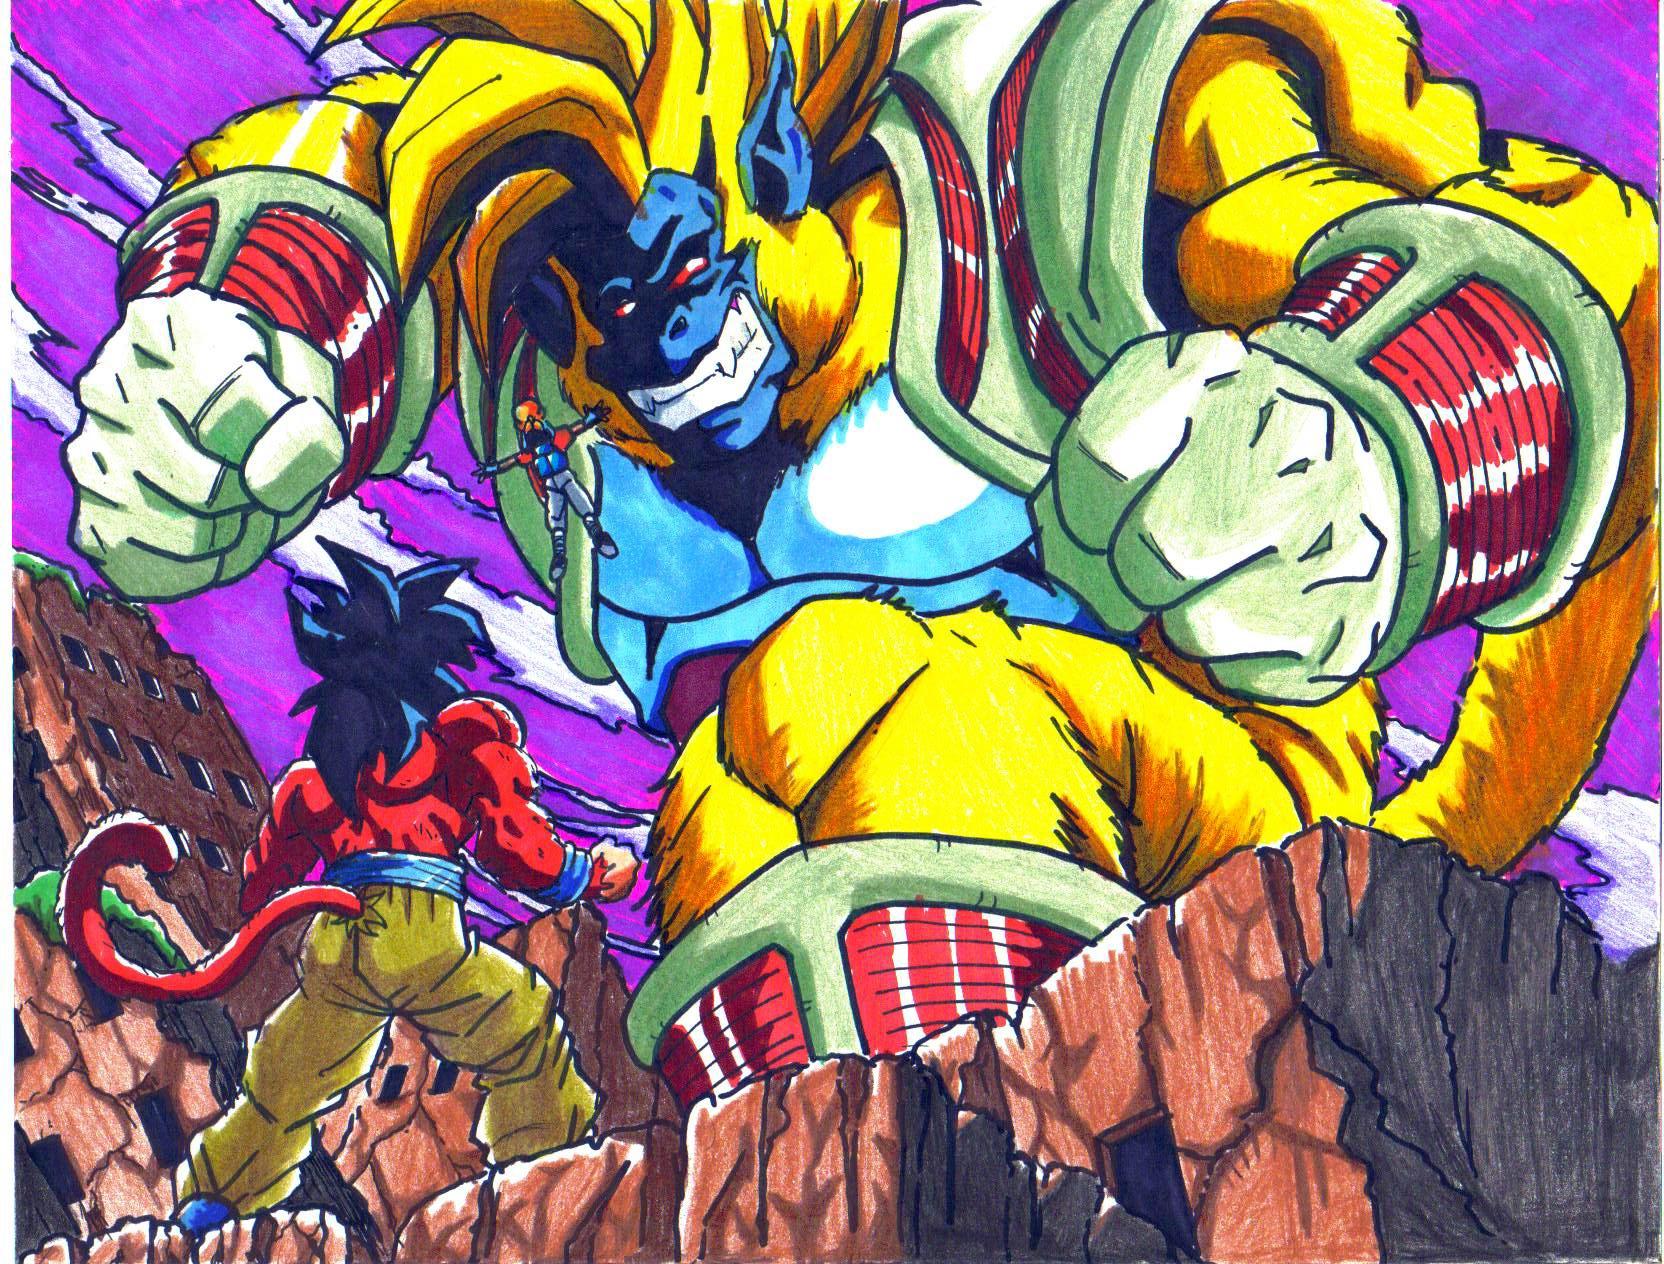 Fotos Para Colorear De Goku En Todas Sus Fases: Pin Imagenes-goku-todas-sus-fases-kamistad-celebrity